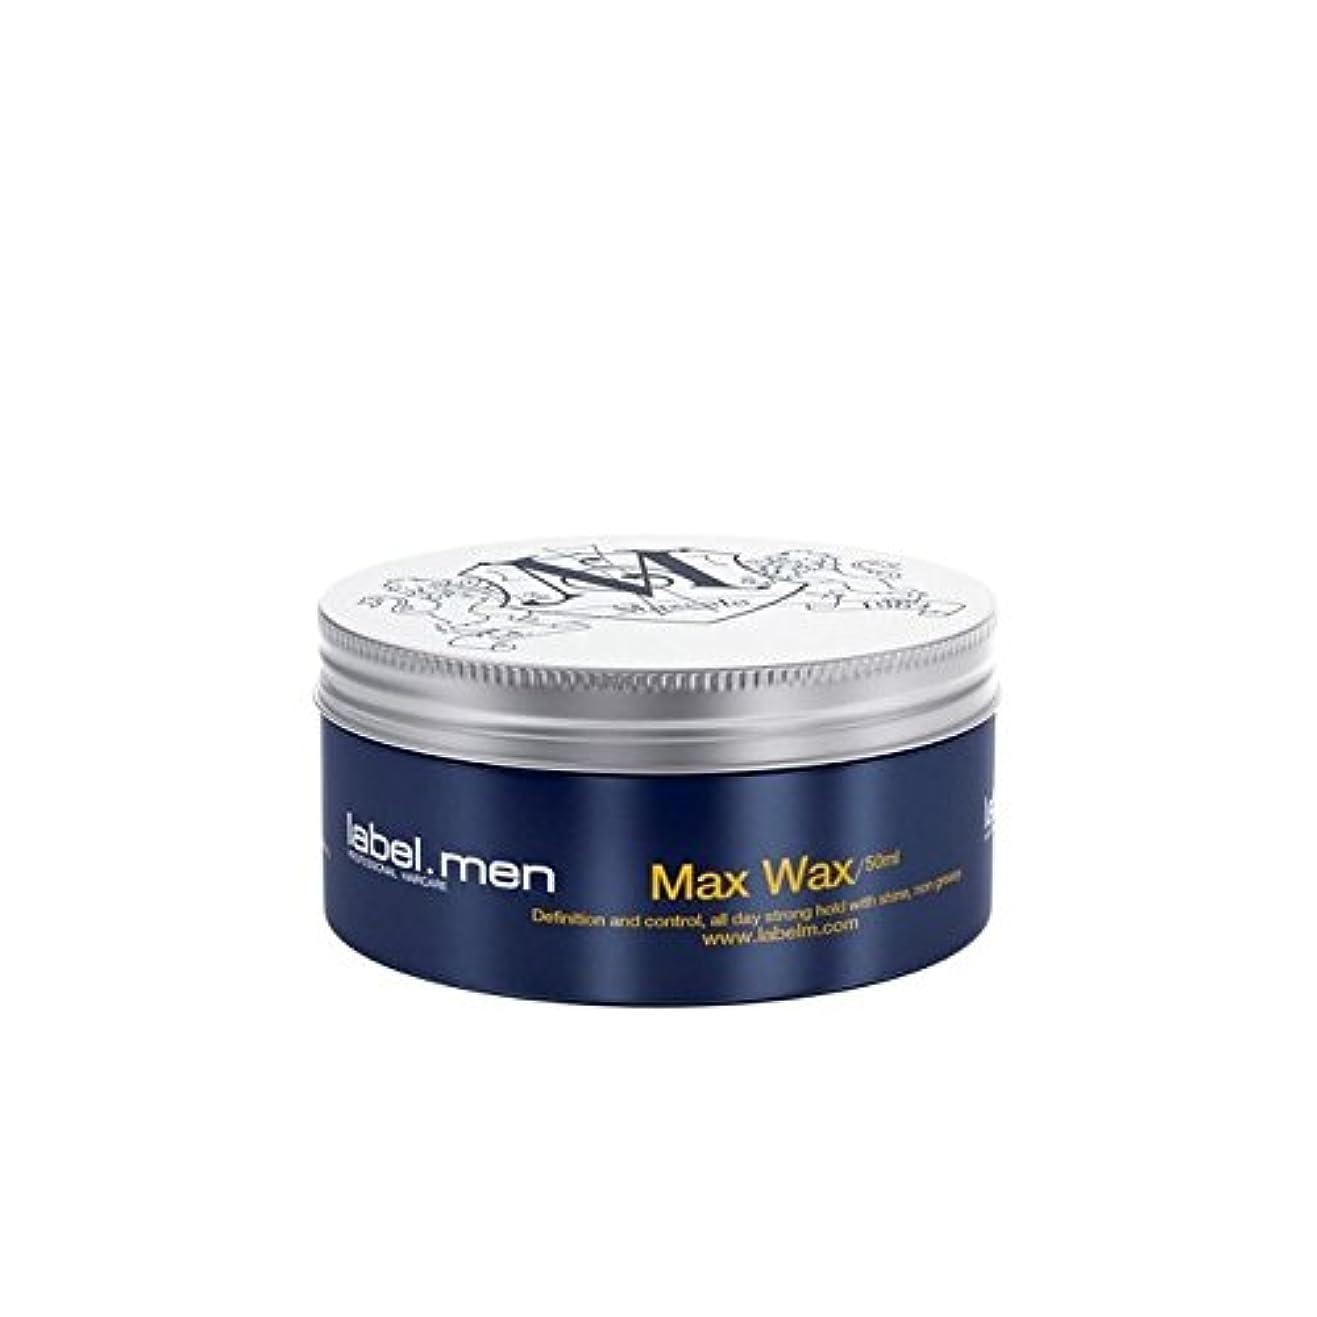 迷路チェリー嫌悪.マックスワックス(50ミリリットル) x4 - Label.Men Max Wax (50ml) (Pack of 4) [並行輸入品]